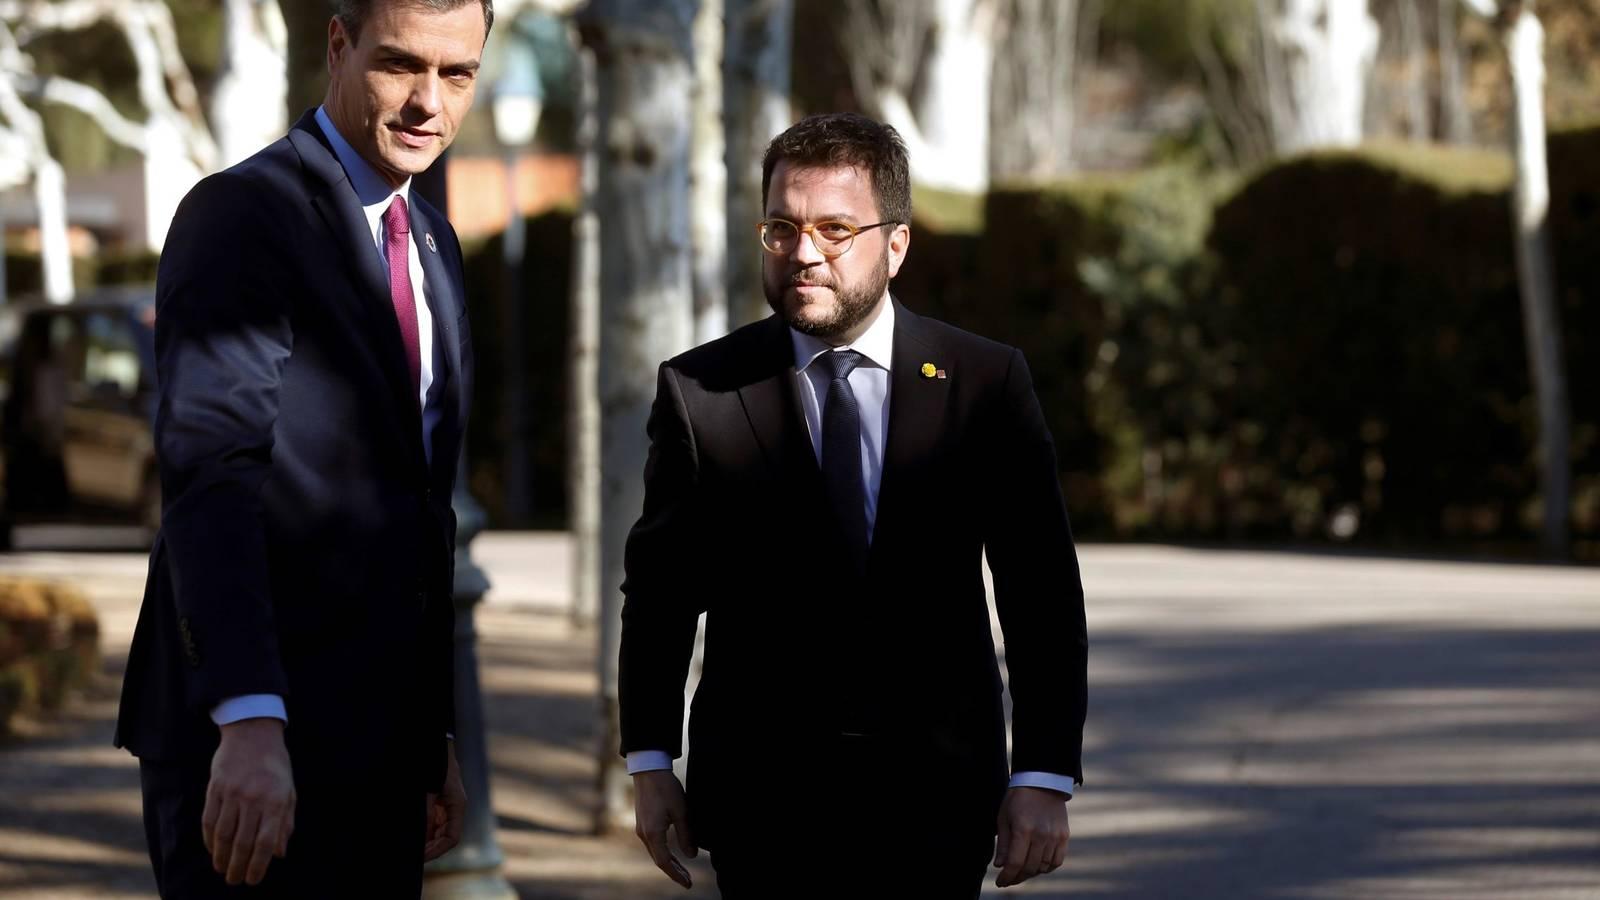 Fierbe Spania! Guvernul socialist vrea să-i grațieze pe liderii separatiști condamnați pentru referendumul privind independența Catalunyei